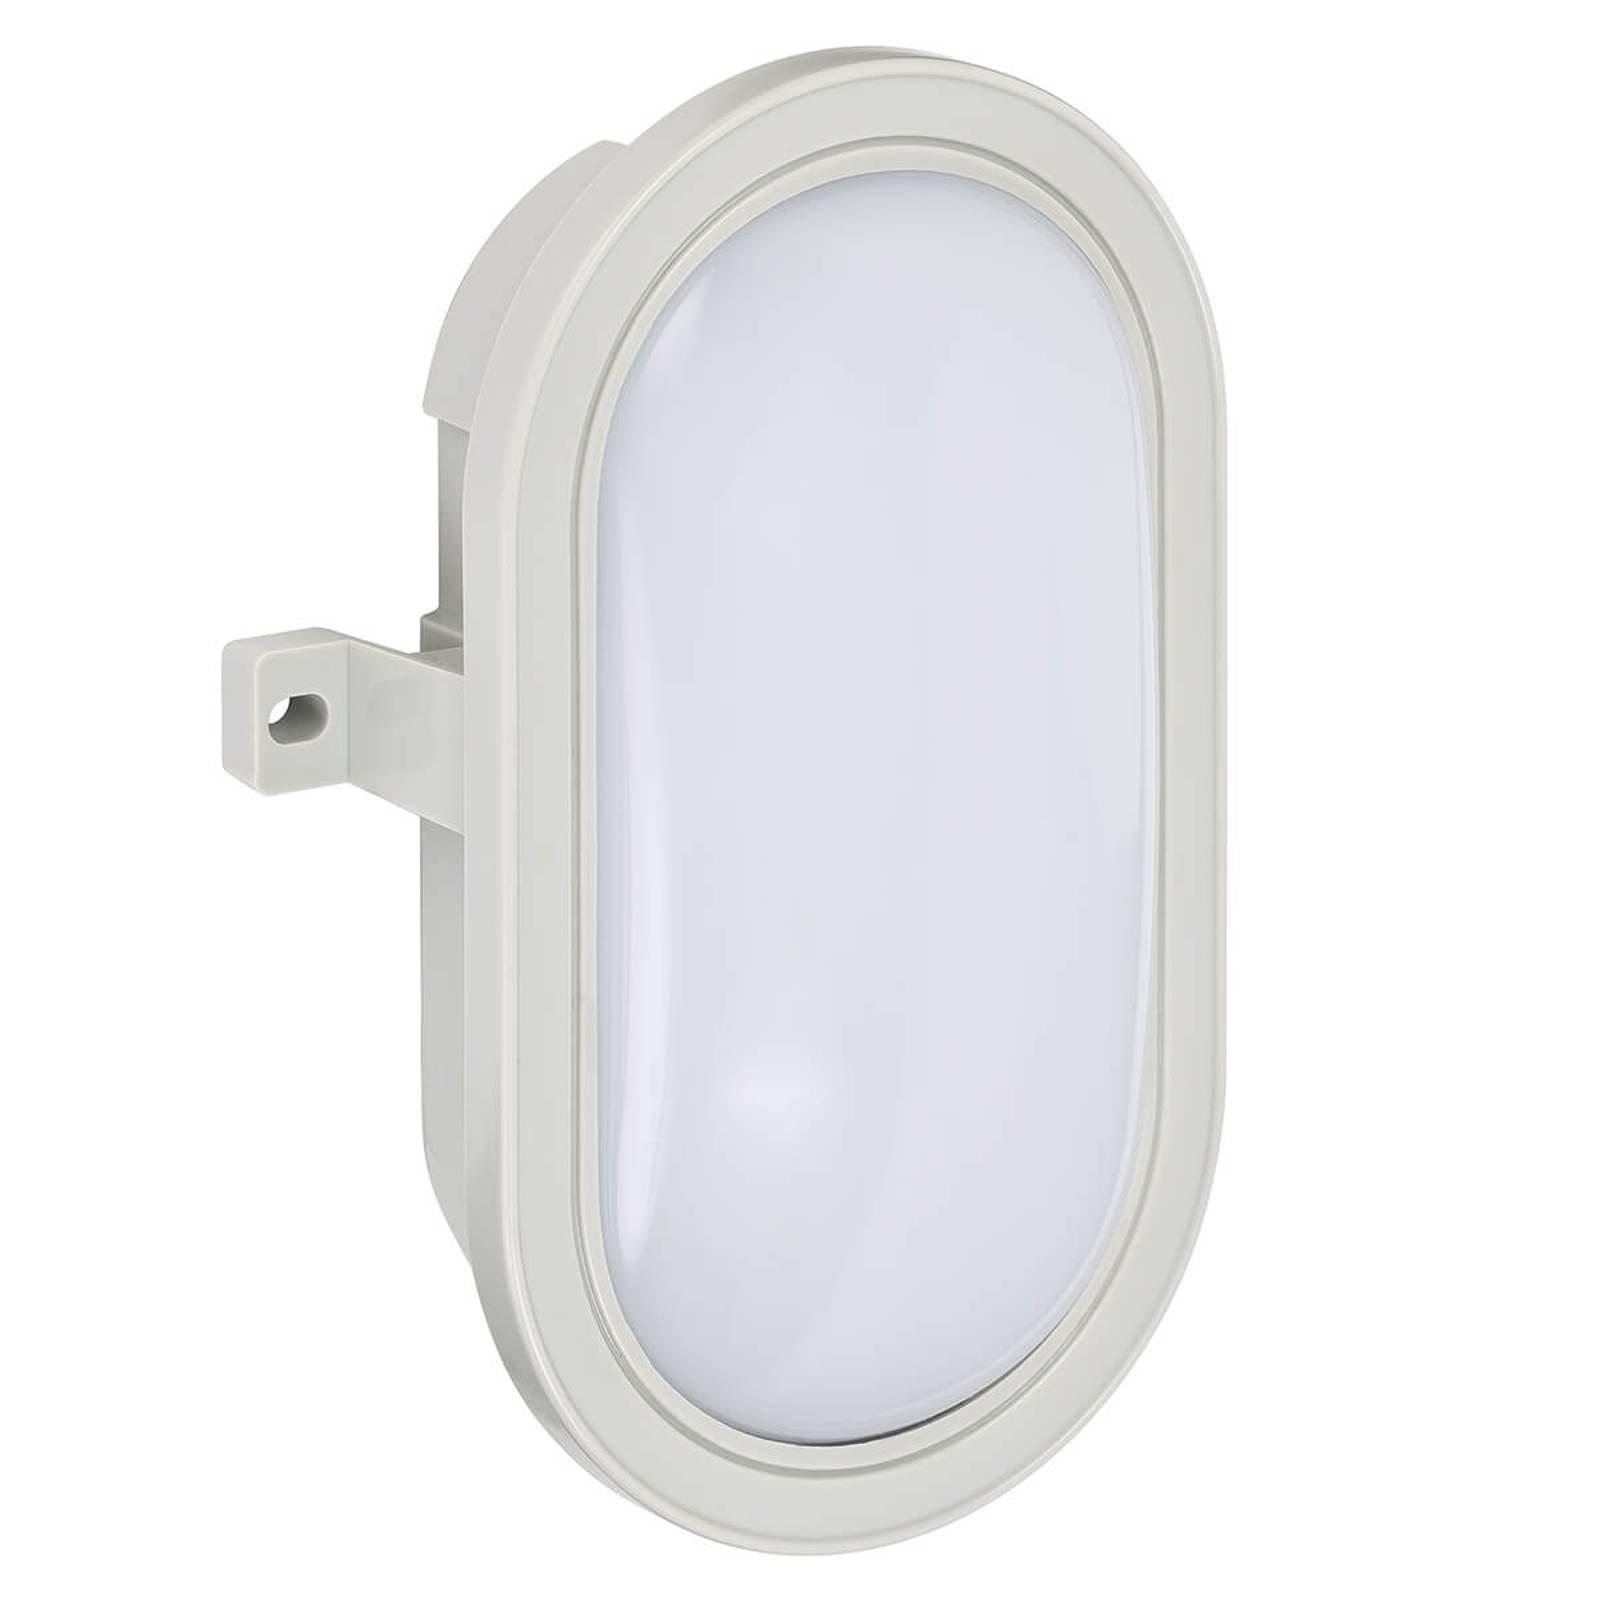 Oval utendørs LED-vegglampe Mats av plast